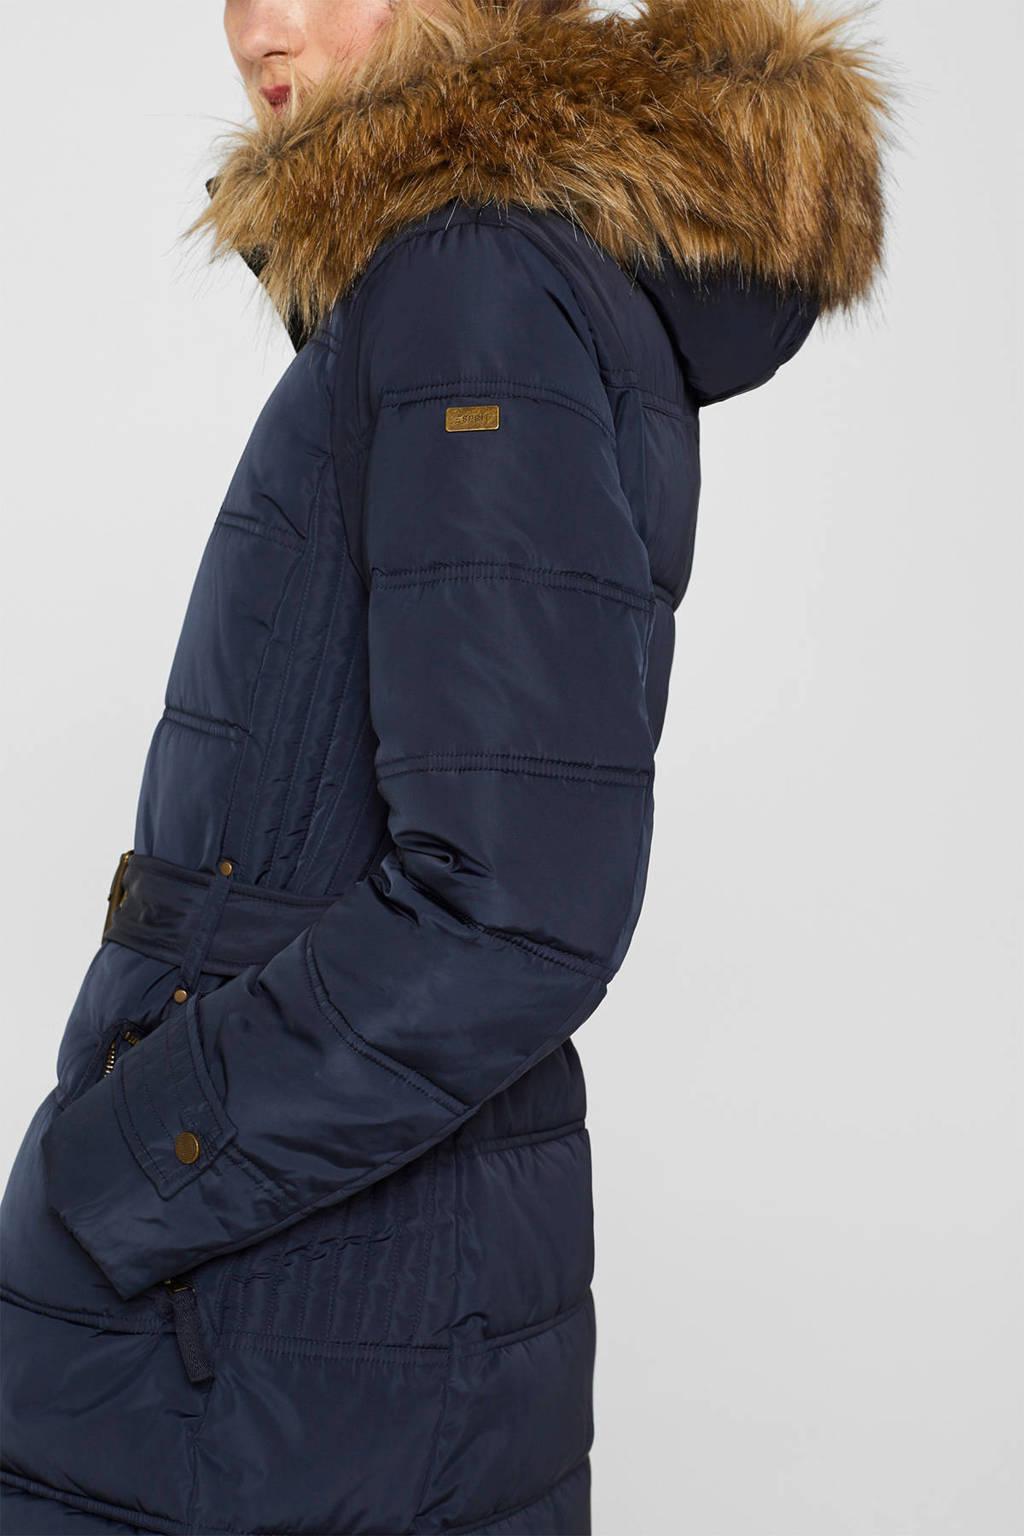 ESPRIT Women Casual winterjas met ceintuur donkerblauw, Donkerblauw